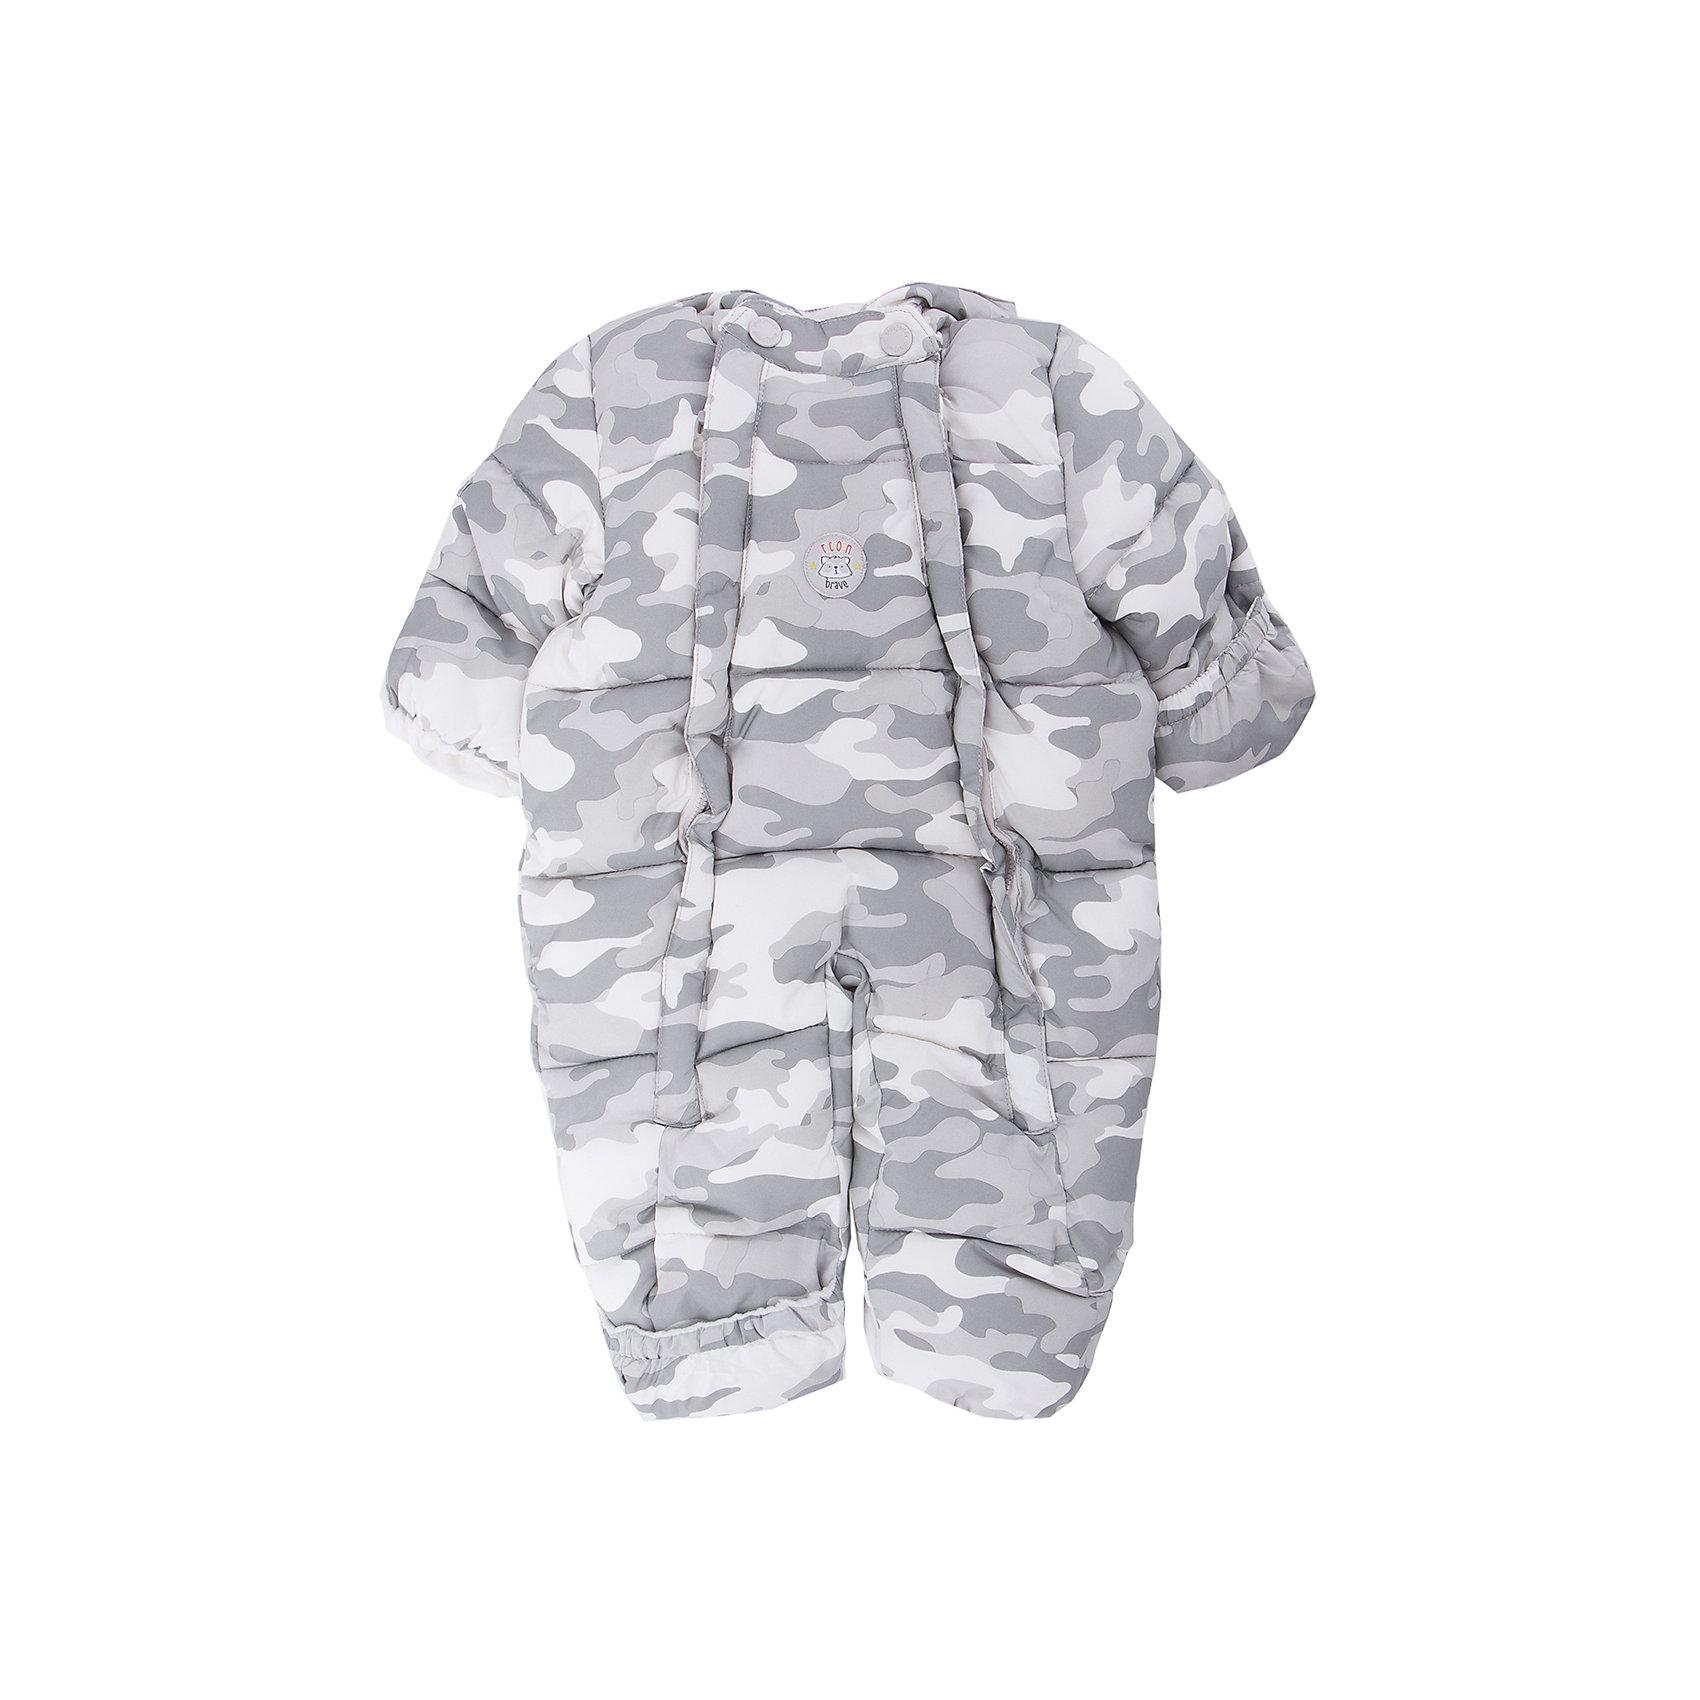 Комбинезон PlayToday для мальчикаВерхняя одежда<br>Комбинезон PlayToday для мальчика<br>Теплый комбинезон из ткани с водоотталкивающей пропиткой - отличное решение для прогулок в холодную погоду. Модель выполена в стиле милитари. Вшивной капюшон по контуру дополнен регулируемым шнуром - кулиской. Комбинезон застегивается на две молнии. Манжеты и низ брючин дополнены специальными вставками, которые позволяют полностью закрыть руки и ноги ребенка. Подкладка с высоким содержанием хлопка отлично впитывает лишнюю влагу и сохраняет тепло.<br>Состав:<br>Верх: 100% полиэстер, подкладка: 80% хлопок, 20% полиэстер, Утеплитель 100% полиэстер, 300 г/м2<br><br>Ширина мм: 157<br>Глубина мм: 13<br>Высота мм: 119<br>Вес г: 200<br>Цвет: белый<br>Возраст от месяцев: 0<br>Возраст до месяцев: 3<br>Пол: Мужской<br>Возраст: Детский<br>Размер: 56,68<br>SKU: 7110016